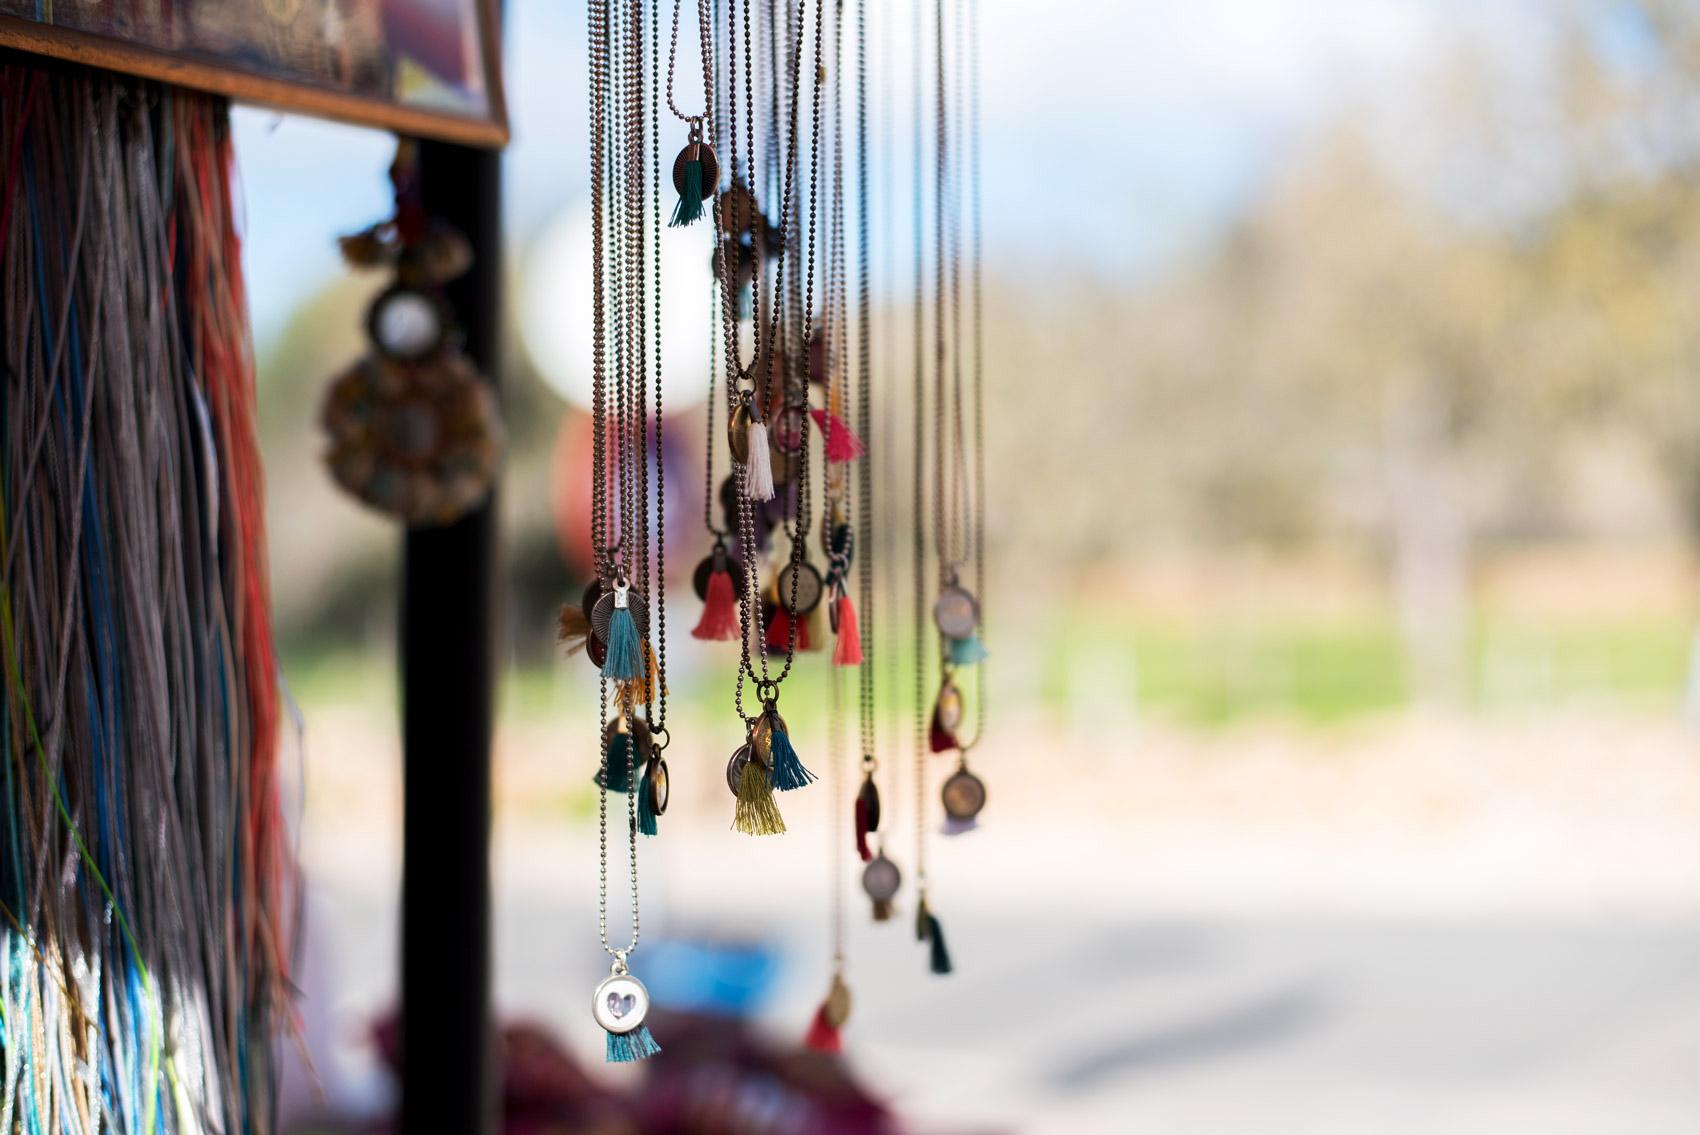 hippie-markt-ibiza-santa-eulalia-market-fashiioncarpet